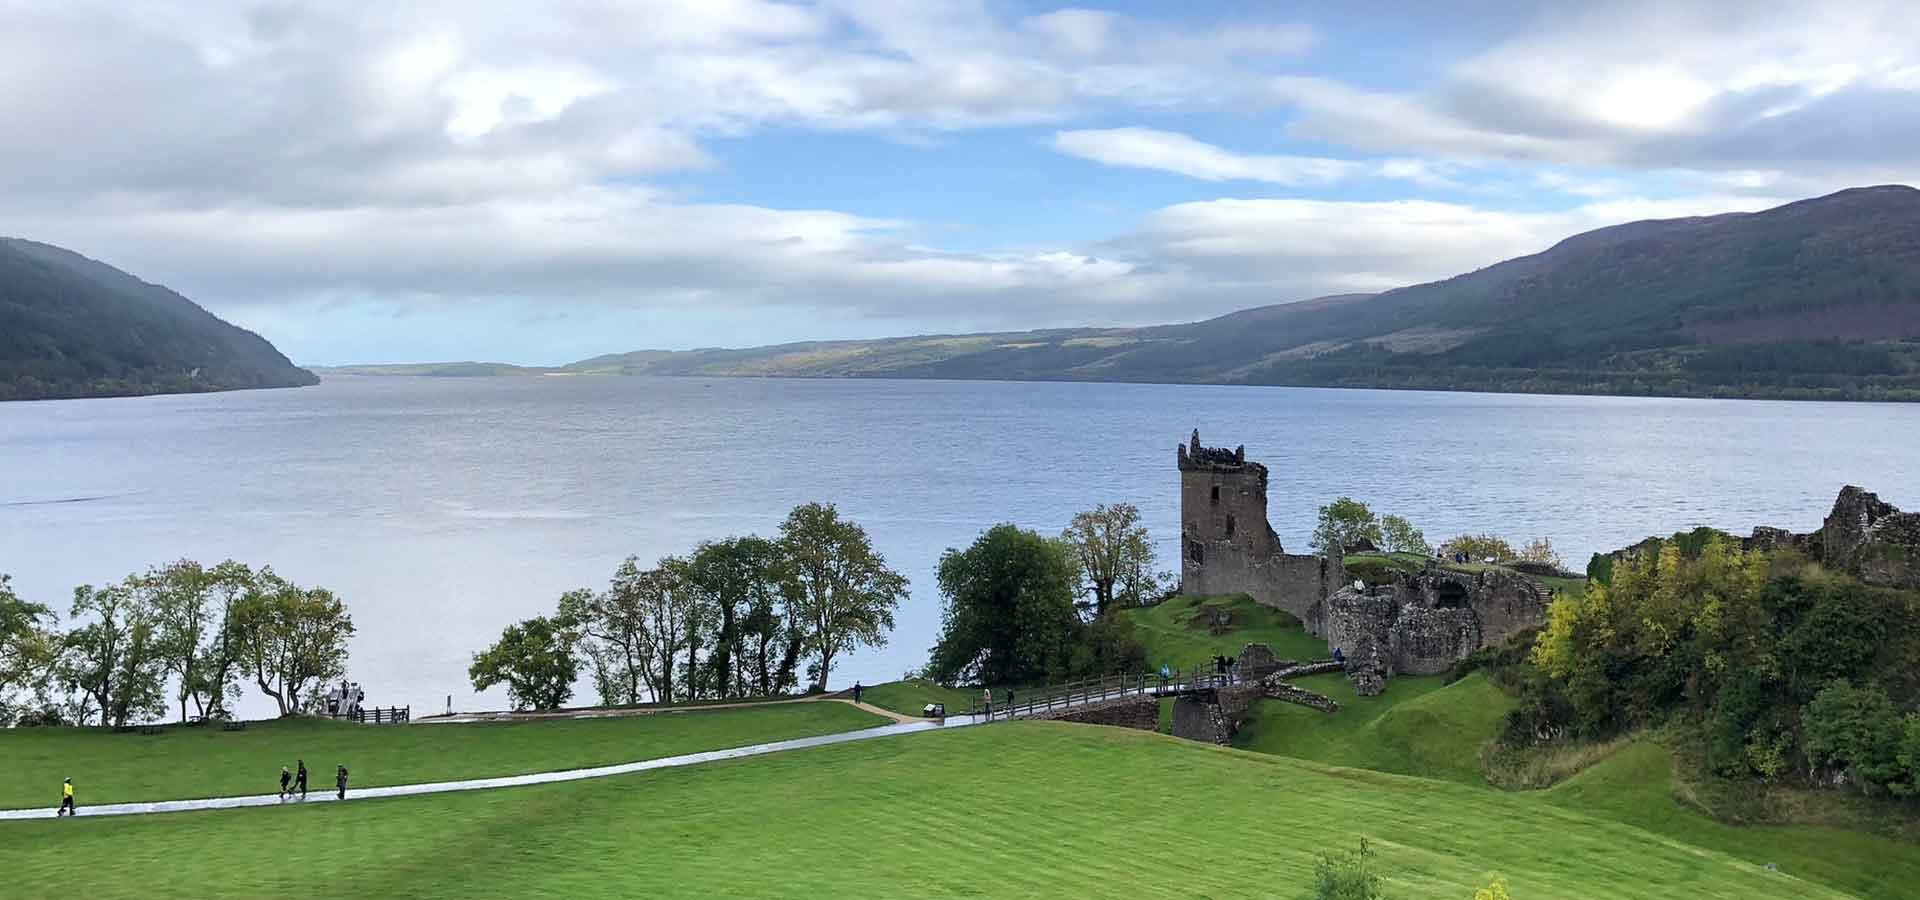 Ecosse-Highlands-Loch-Ness-Nessie